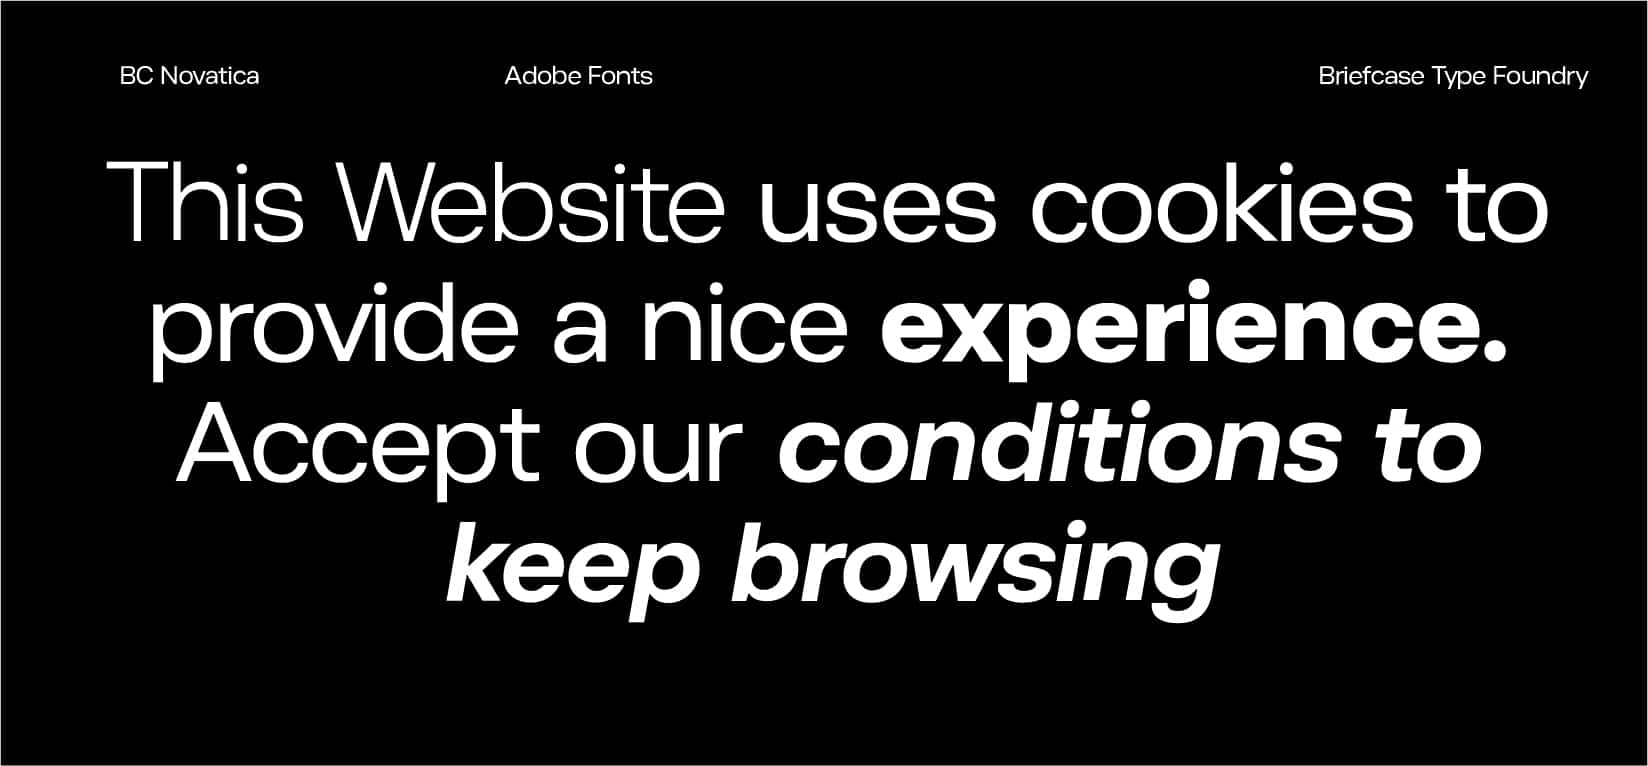 Top Adobe Fonts BC Novatica